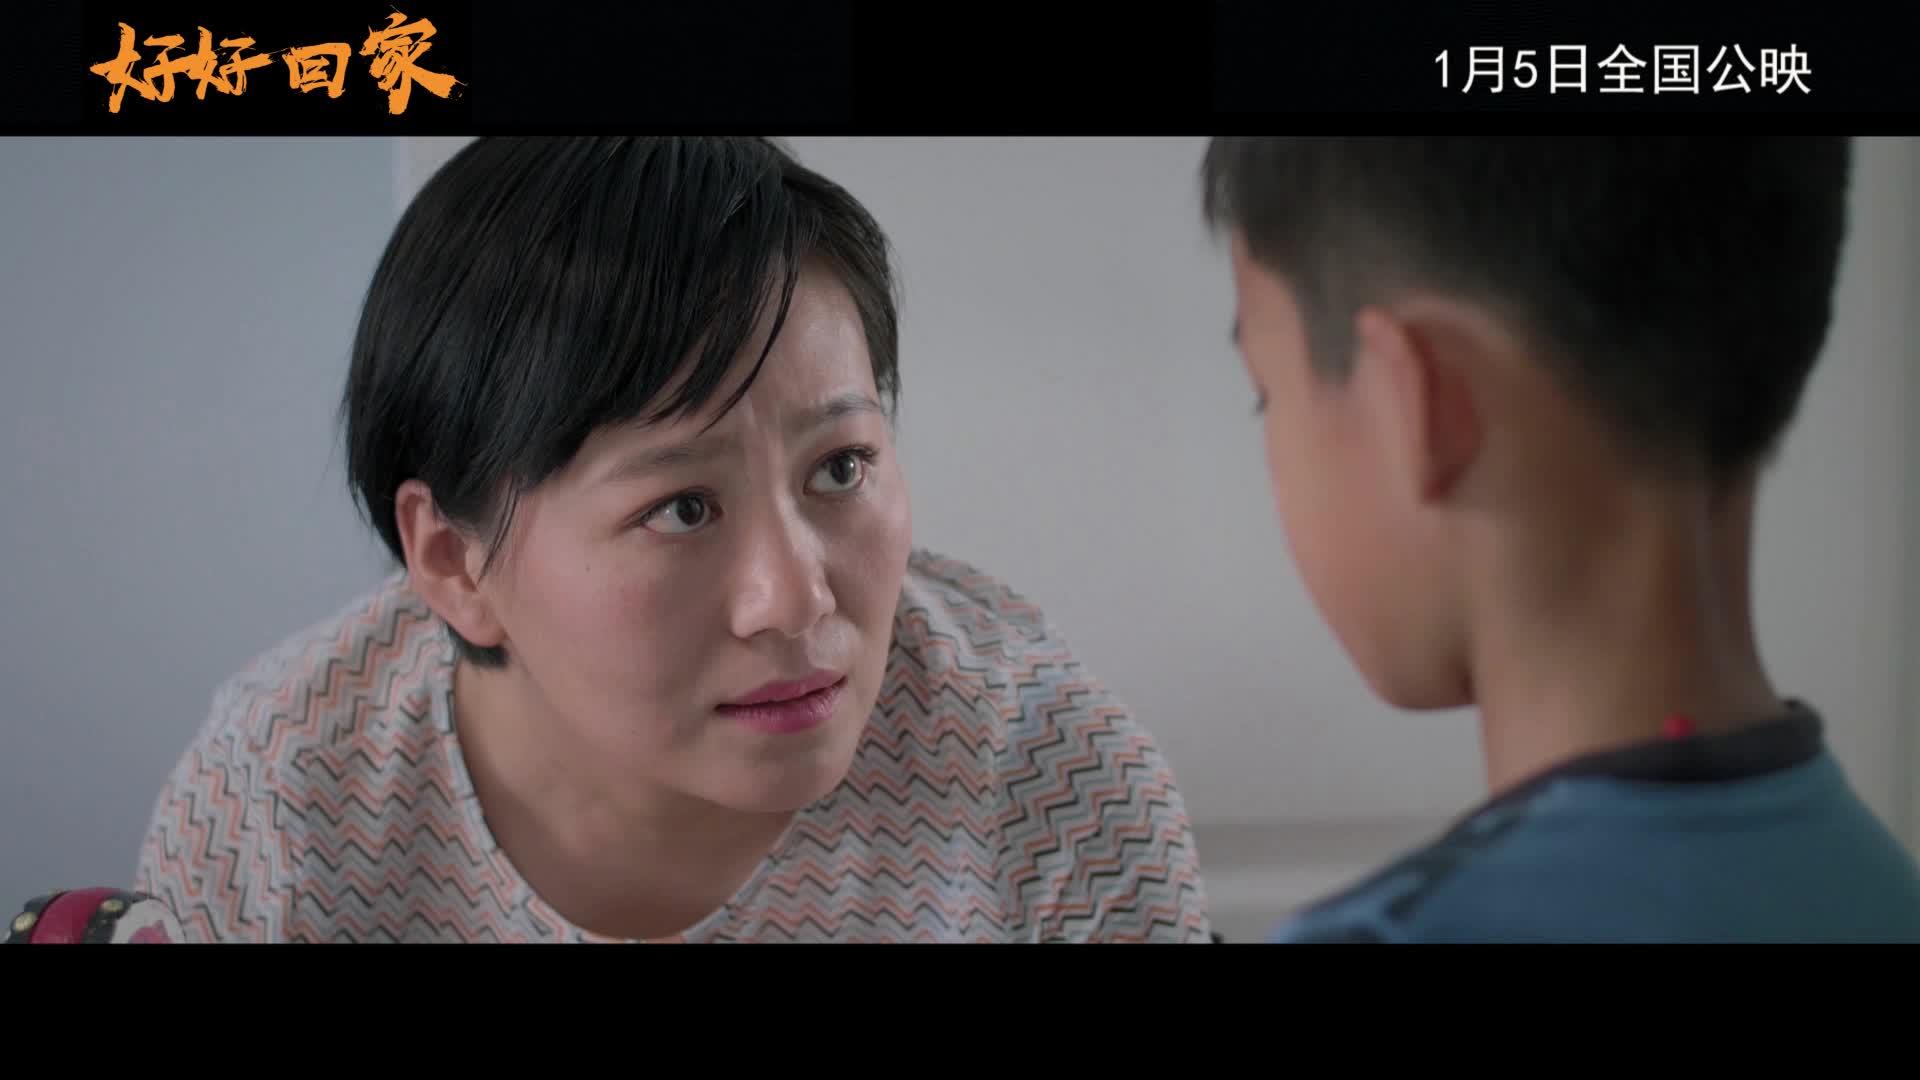 #电影 预告片 #电影《好好回家》预告:爸爸妈妈,你们在哪里?